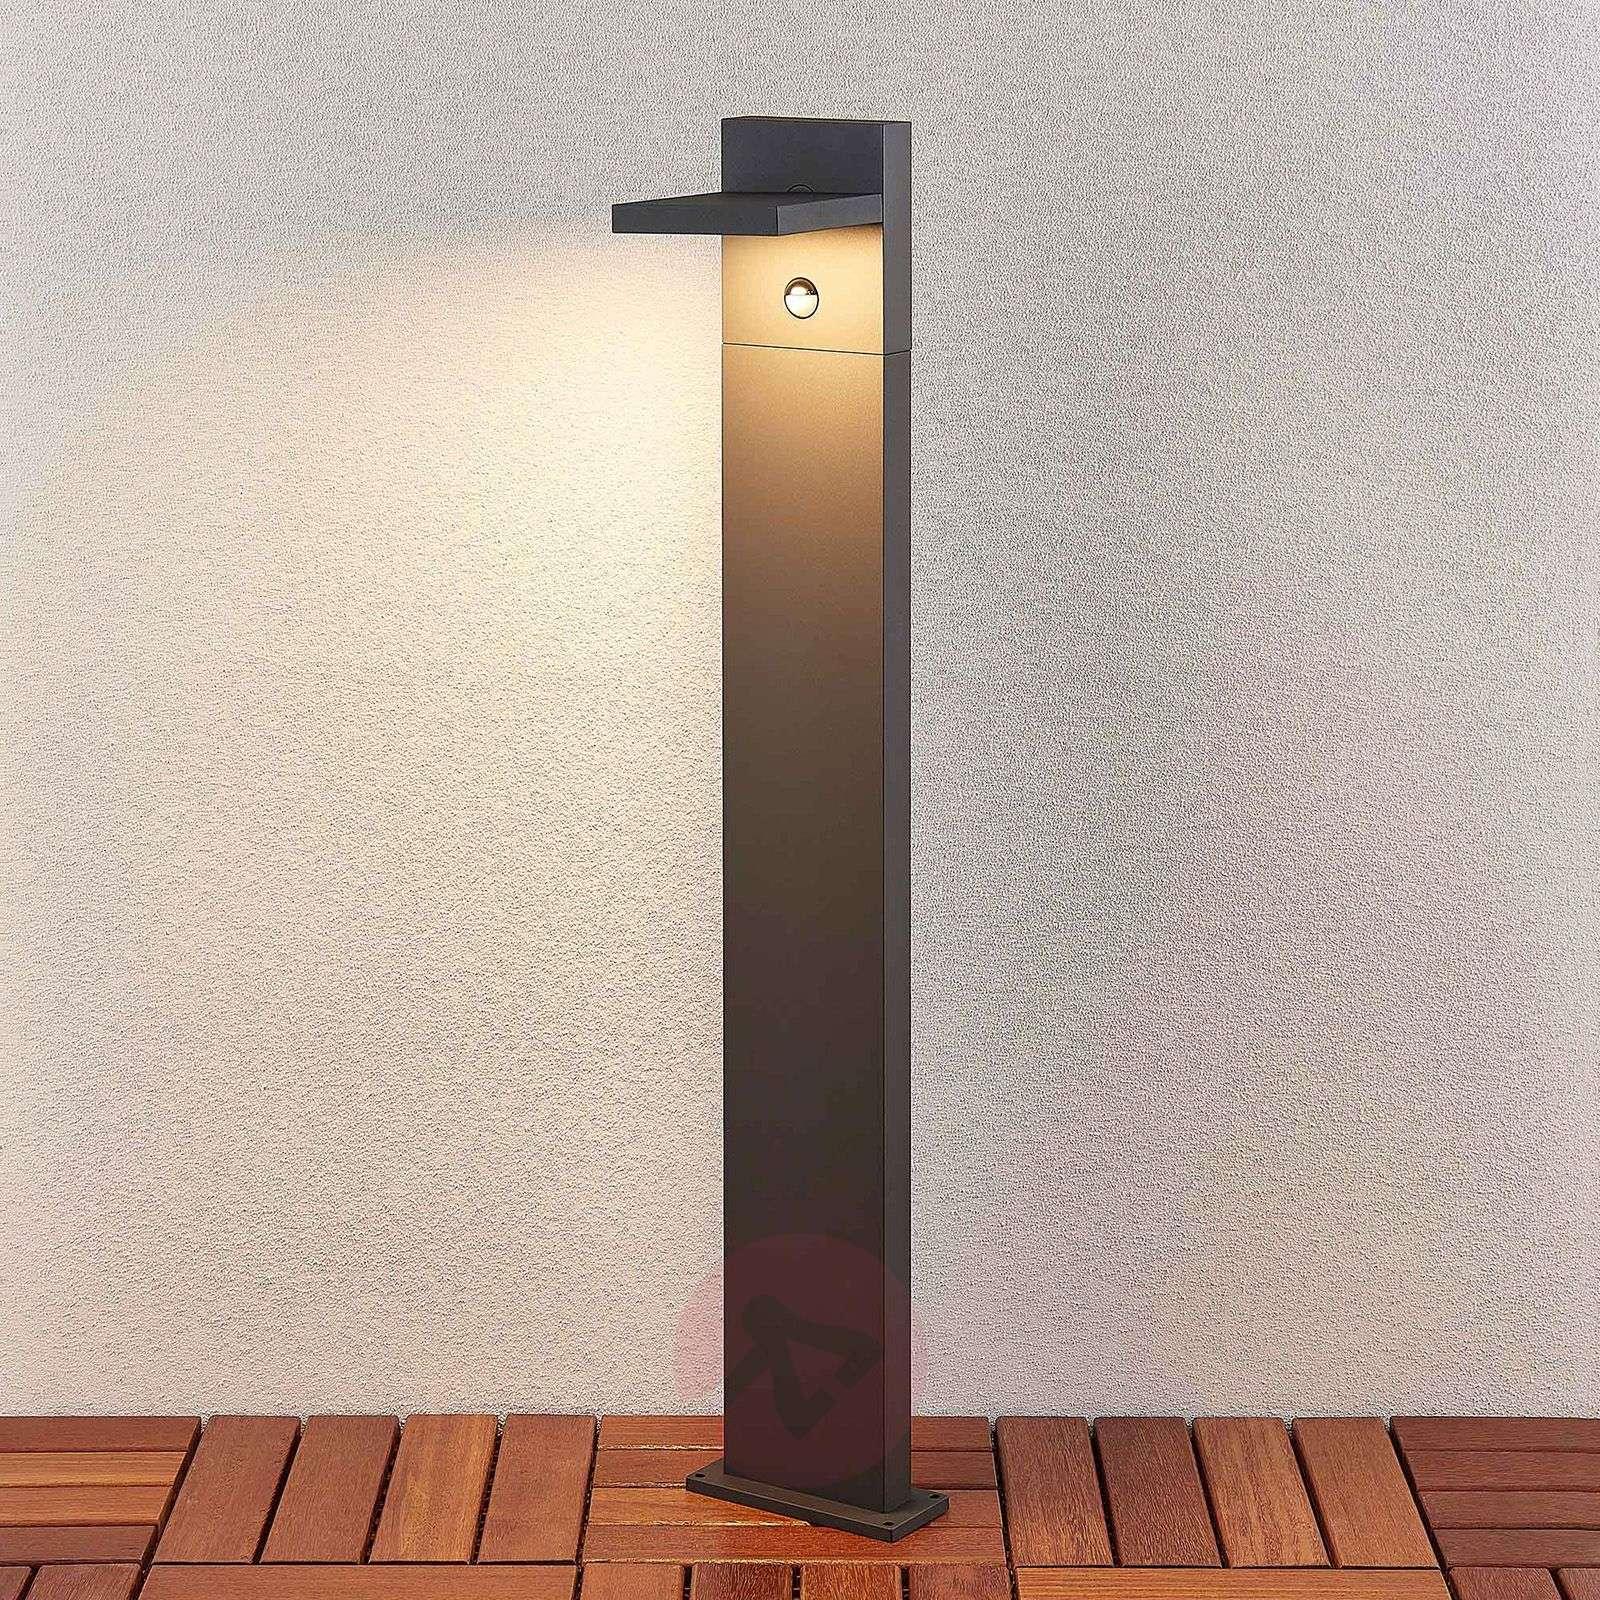 LED-pollarivalaisin Silvan, 100 cm, liikkeentunn.-9619178-01